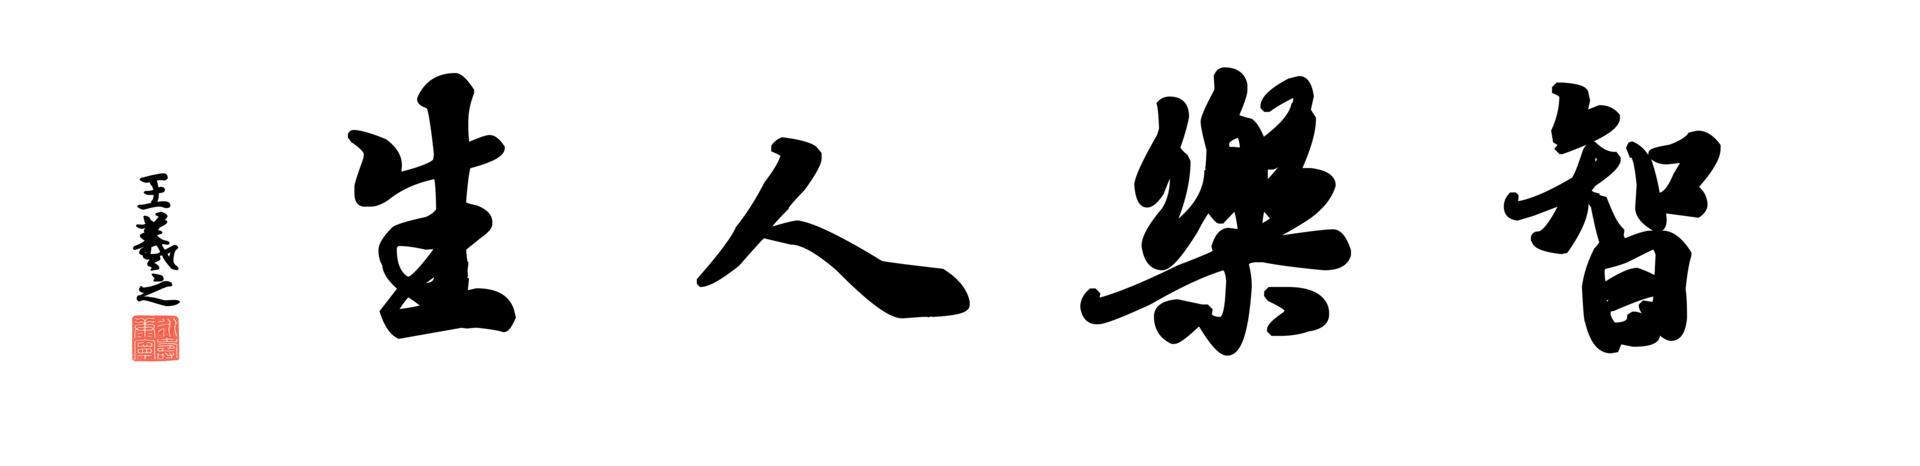 0233_王羲之兰亭体数字书法-四字横幅智乐人生136x33cm_21417x5197PX_TIF_400DPI_326_0